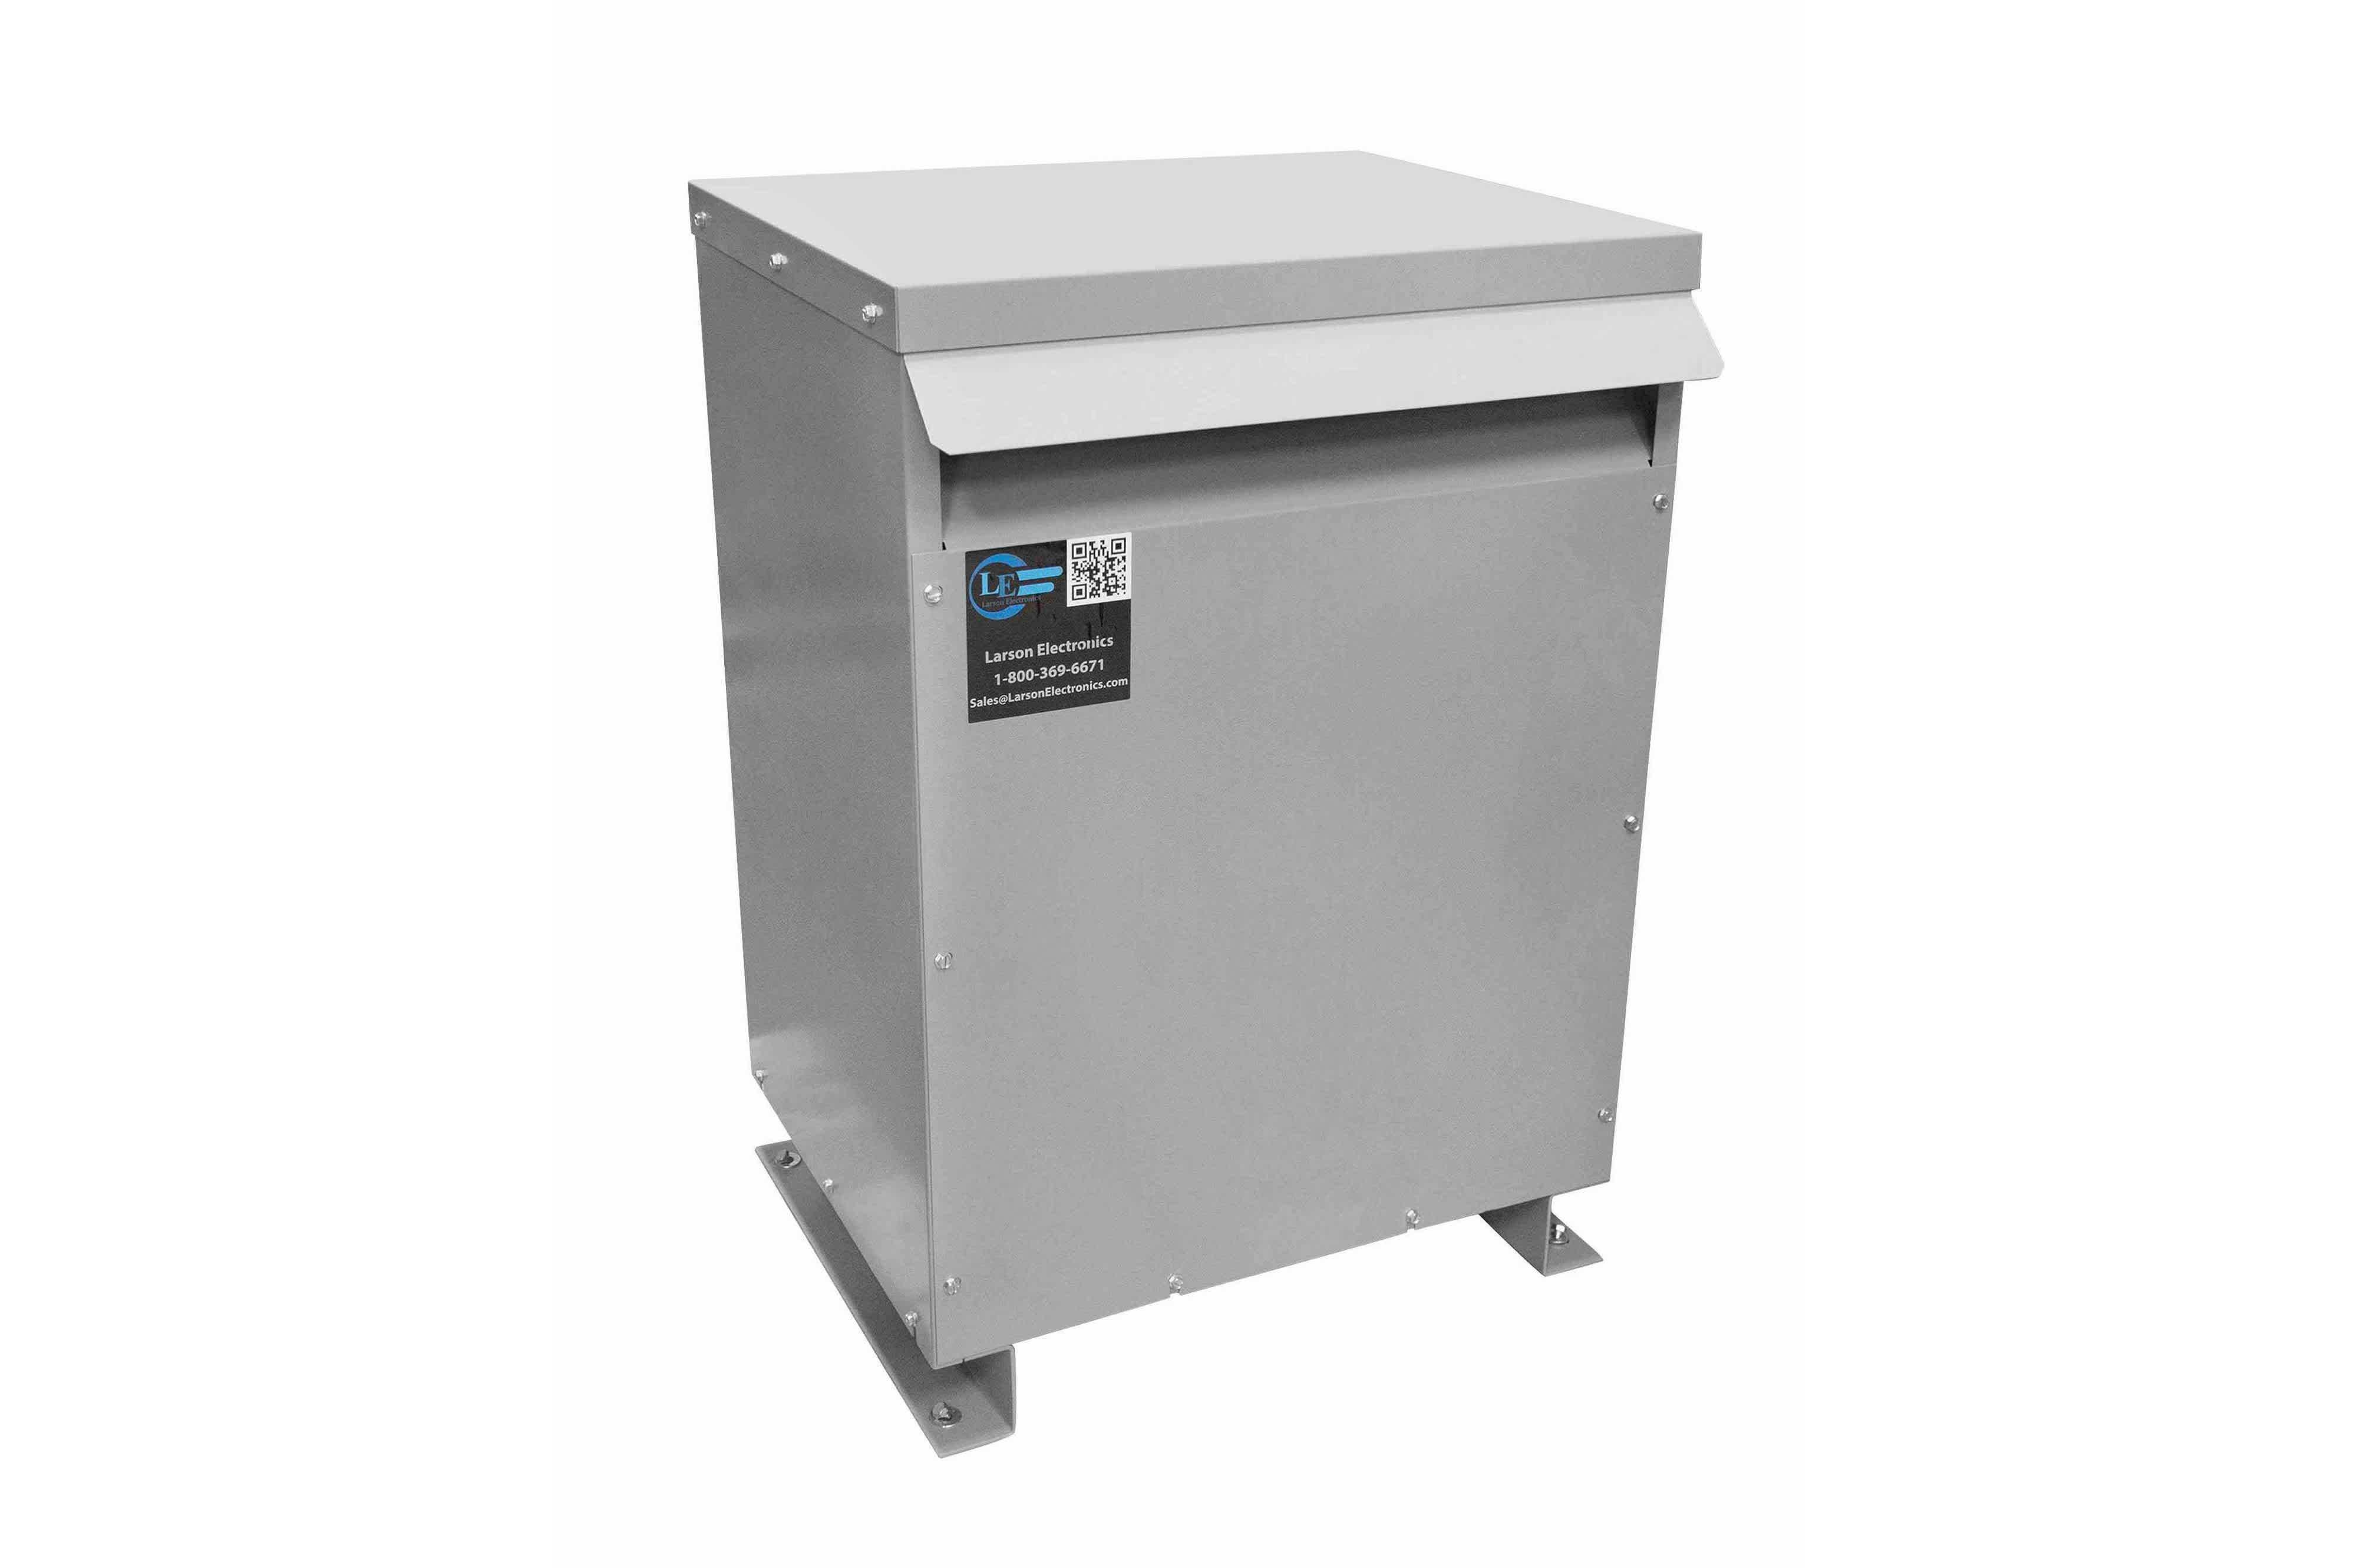 112.5 kVA 3PH DOE Transformer, 415V Delta Primary, 240V/120 Delta Secondary, N3R, Ventilated, 60 Hz